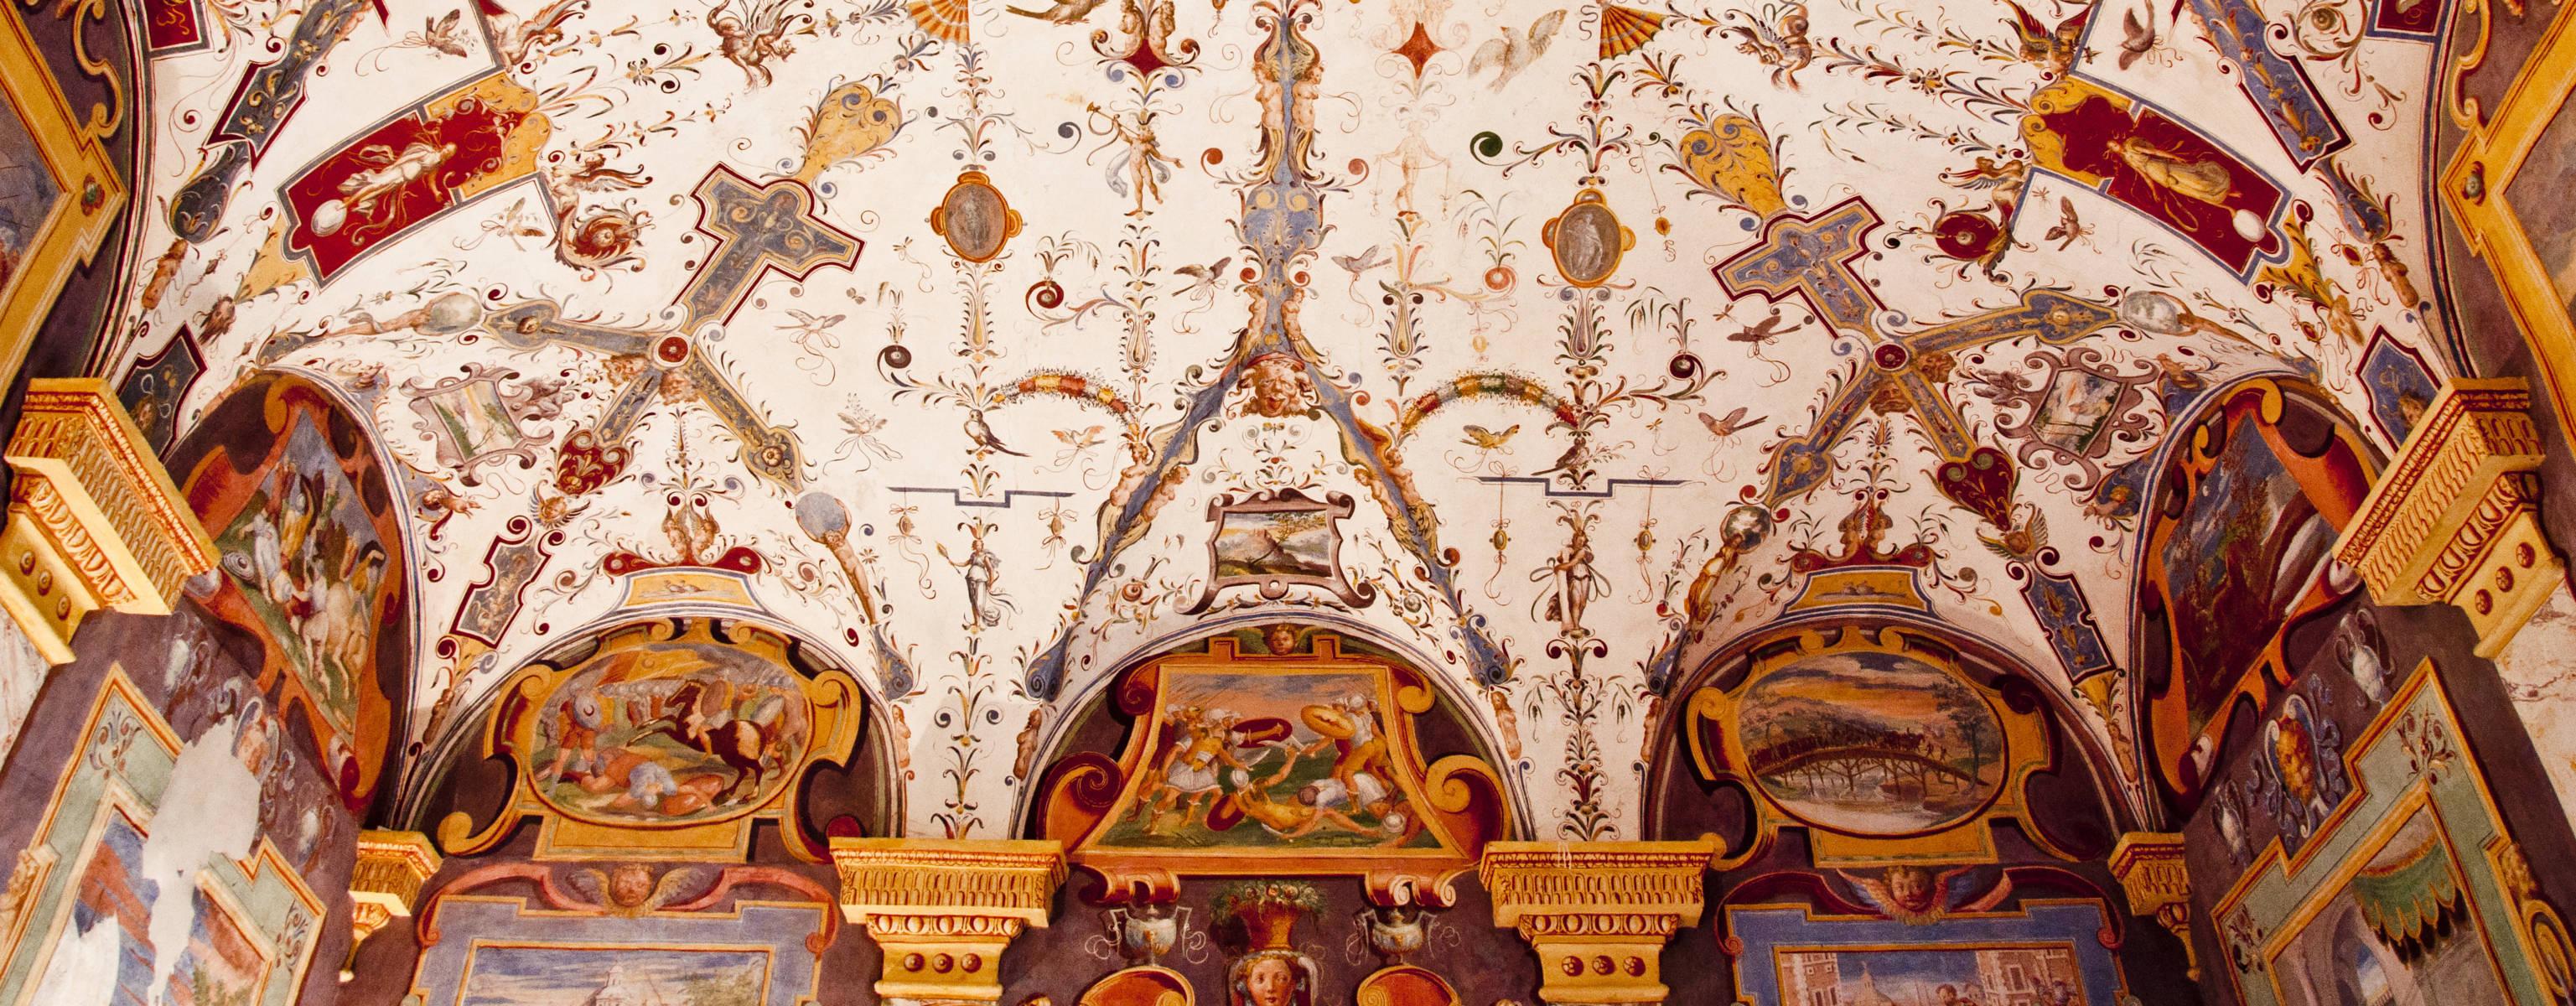 Palazzo della Corgna 2